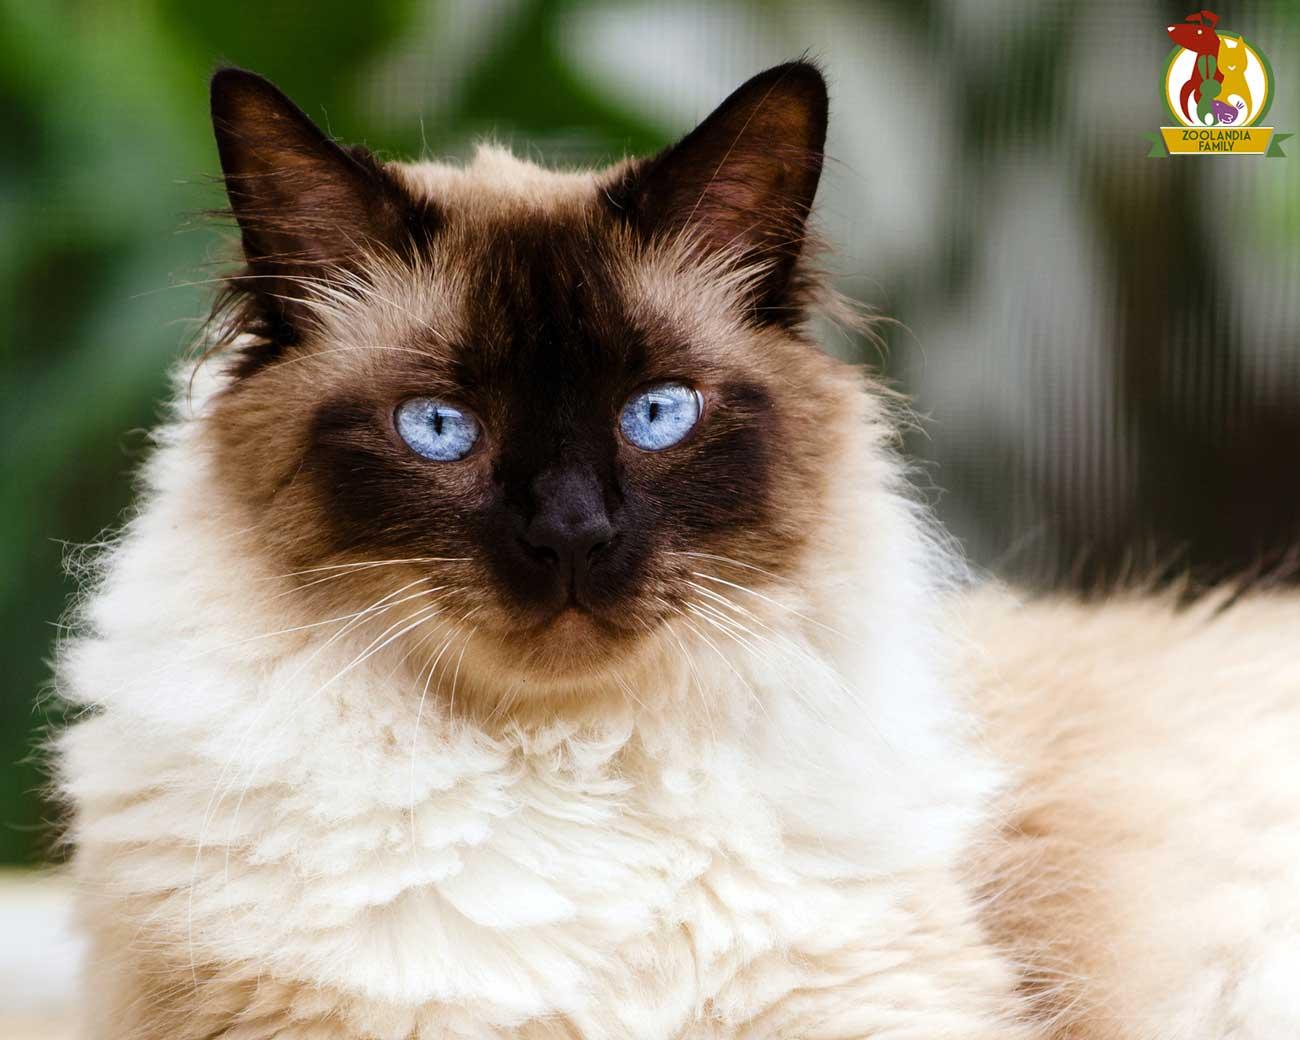 Il Gatto Himalayano Come Prendersi Cura Di Lui Zoolandia Family